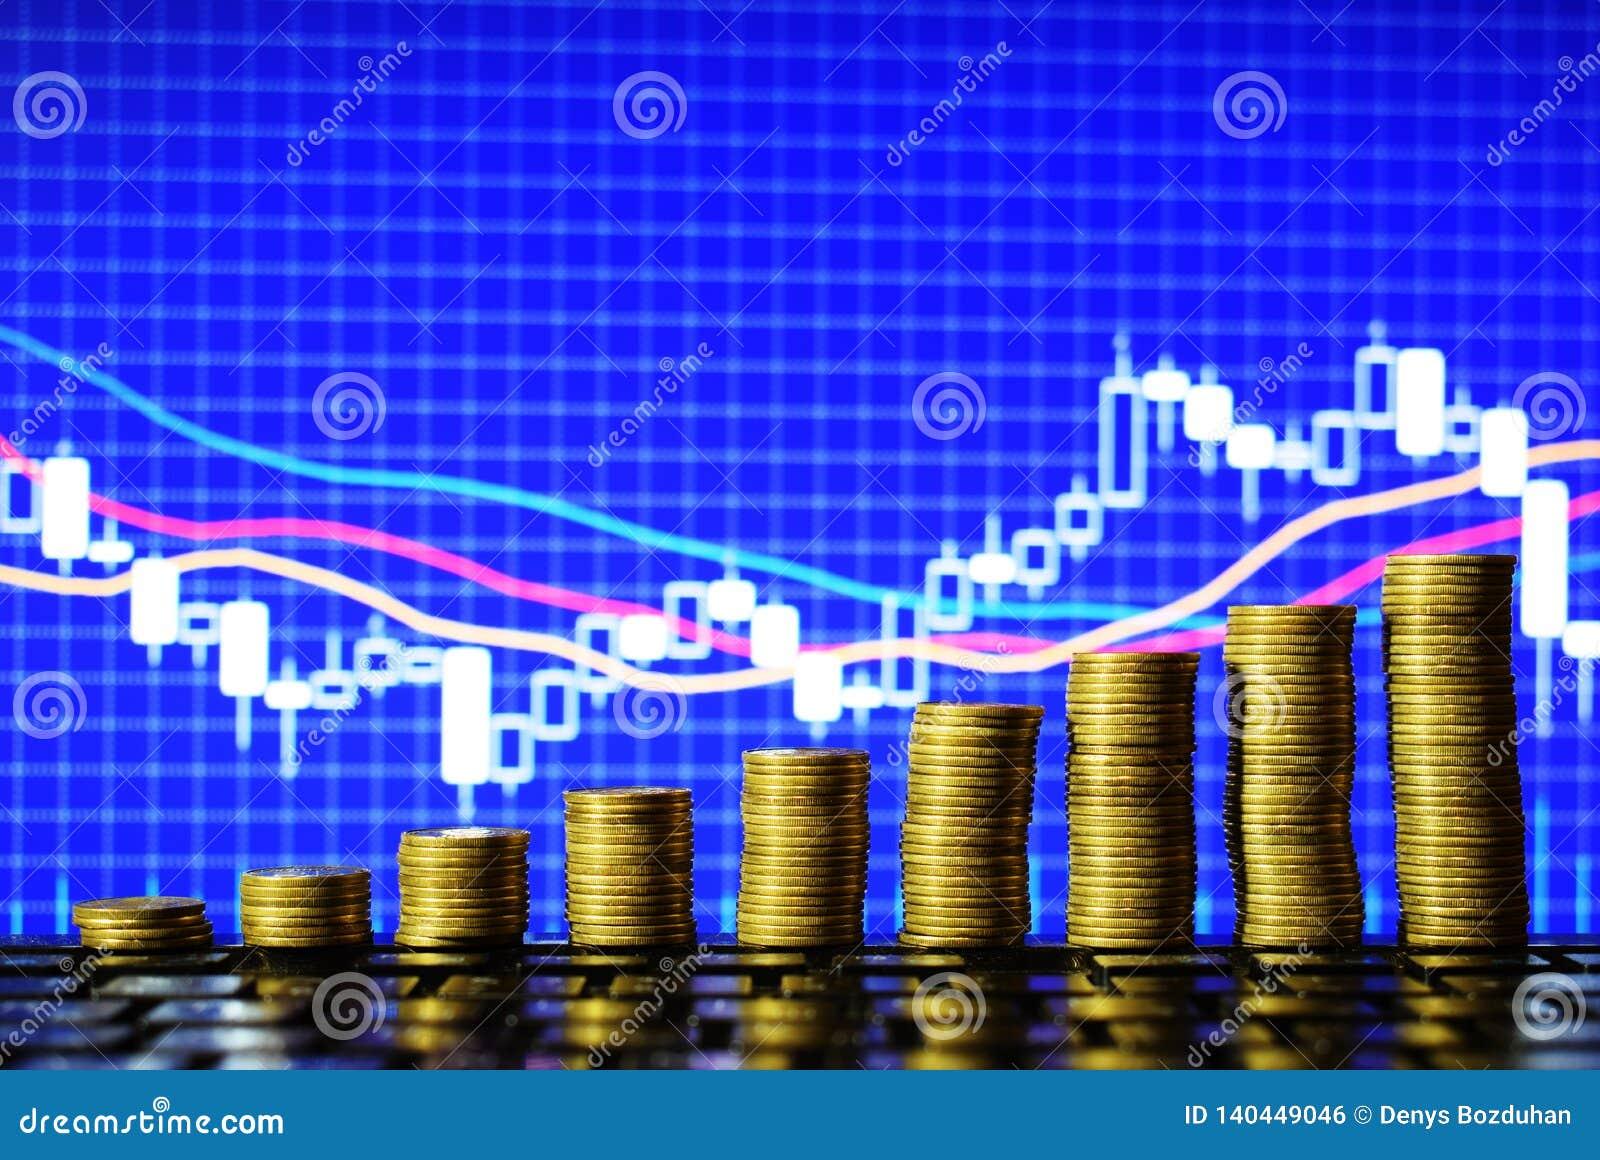 Escalera a la riqueza de las monedas de oro aisladas en fondo de la carta de las divisas